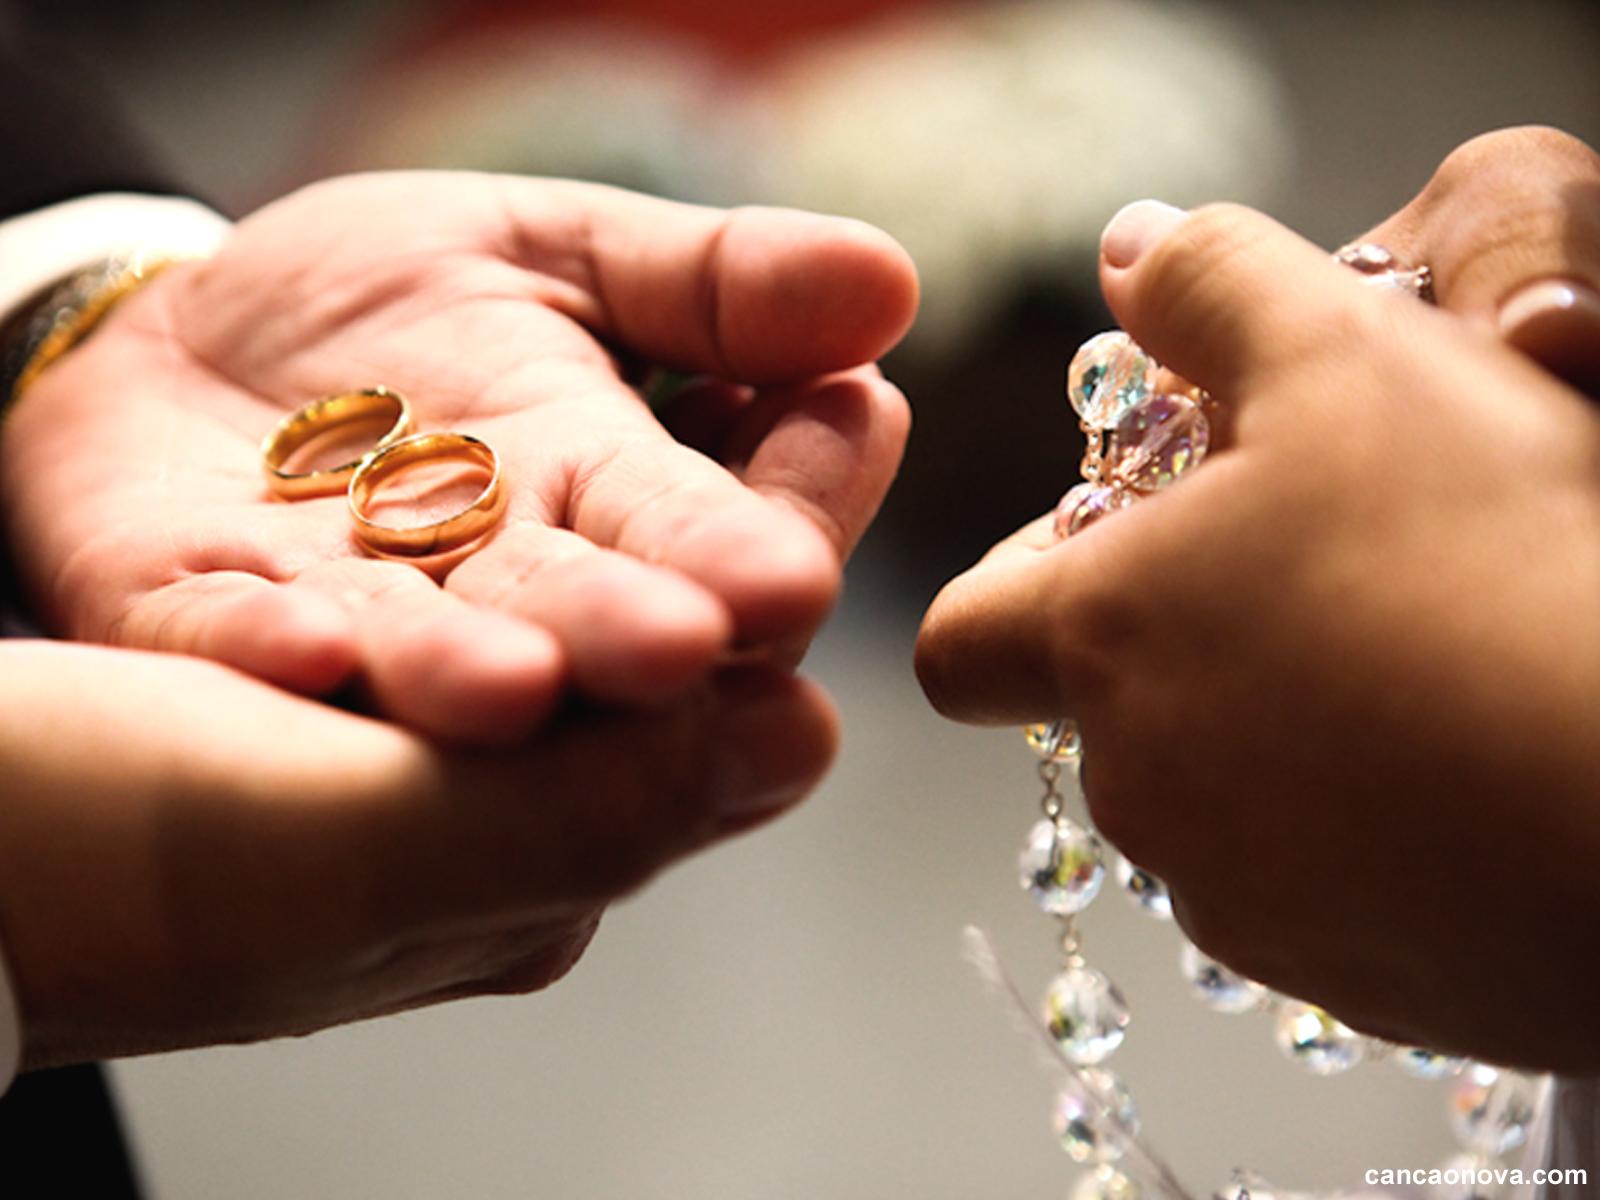 Matrimonio No Catolico : Oração para casamento em crise canção nova são paulo